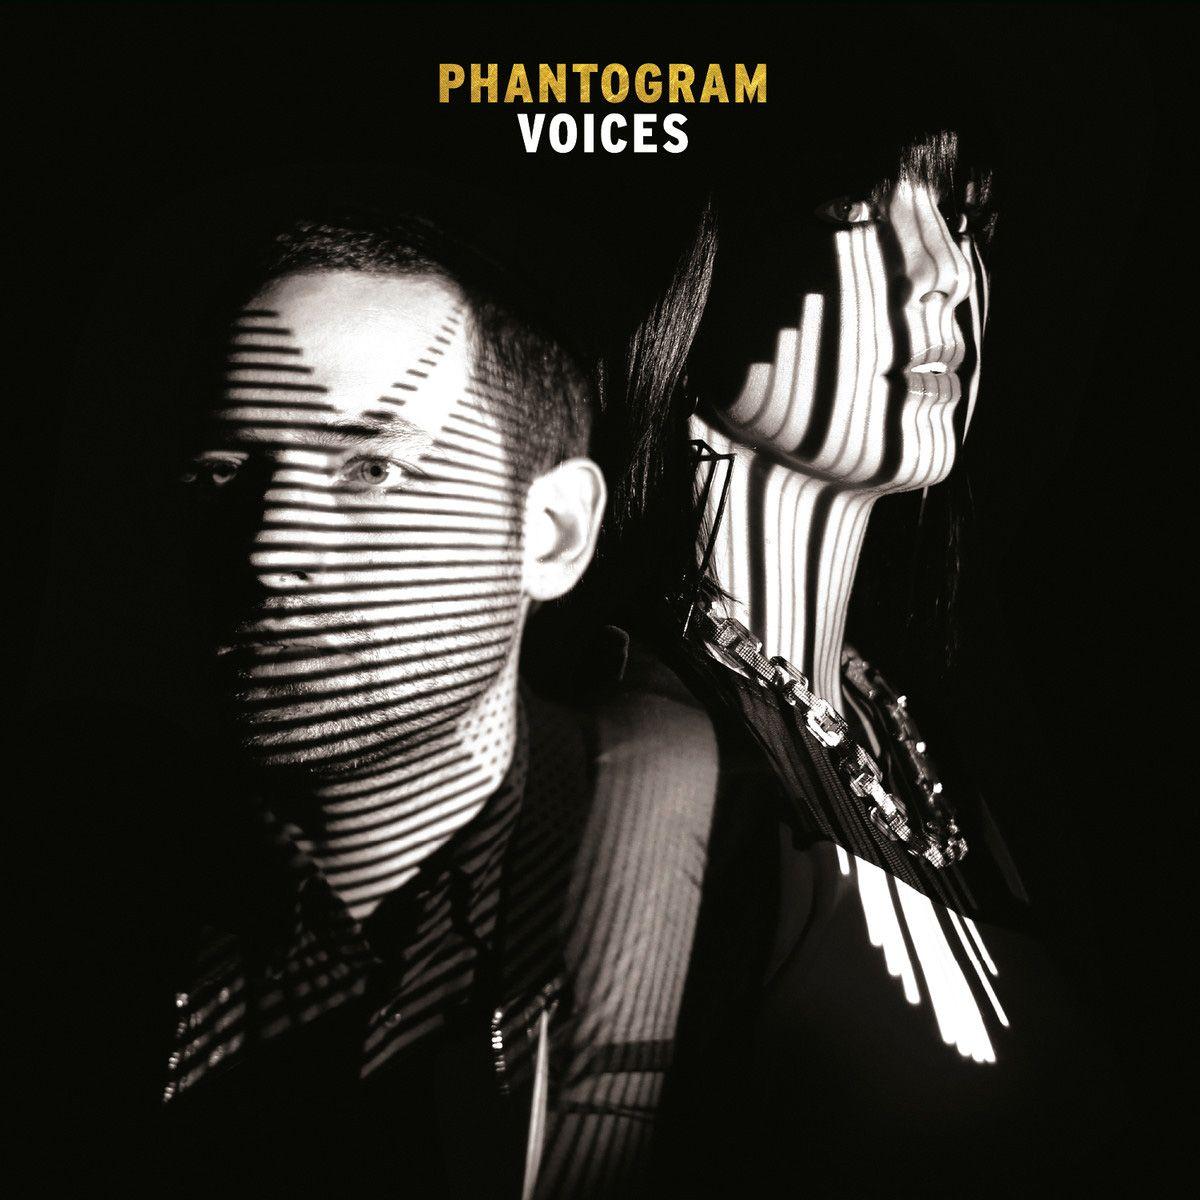 Phantogram - Voices album cover